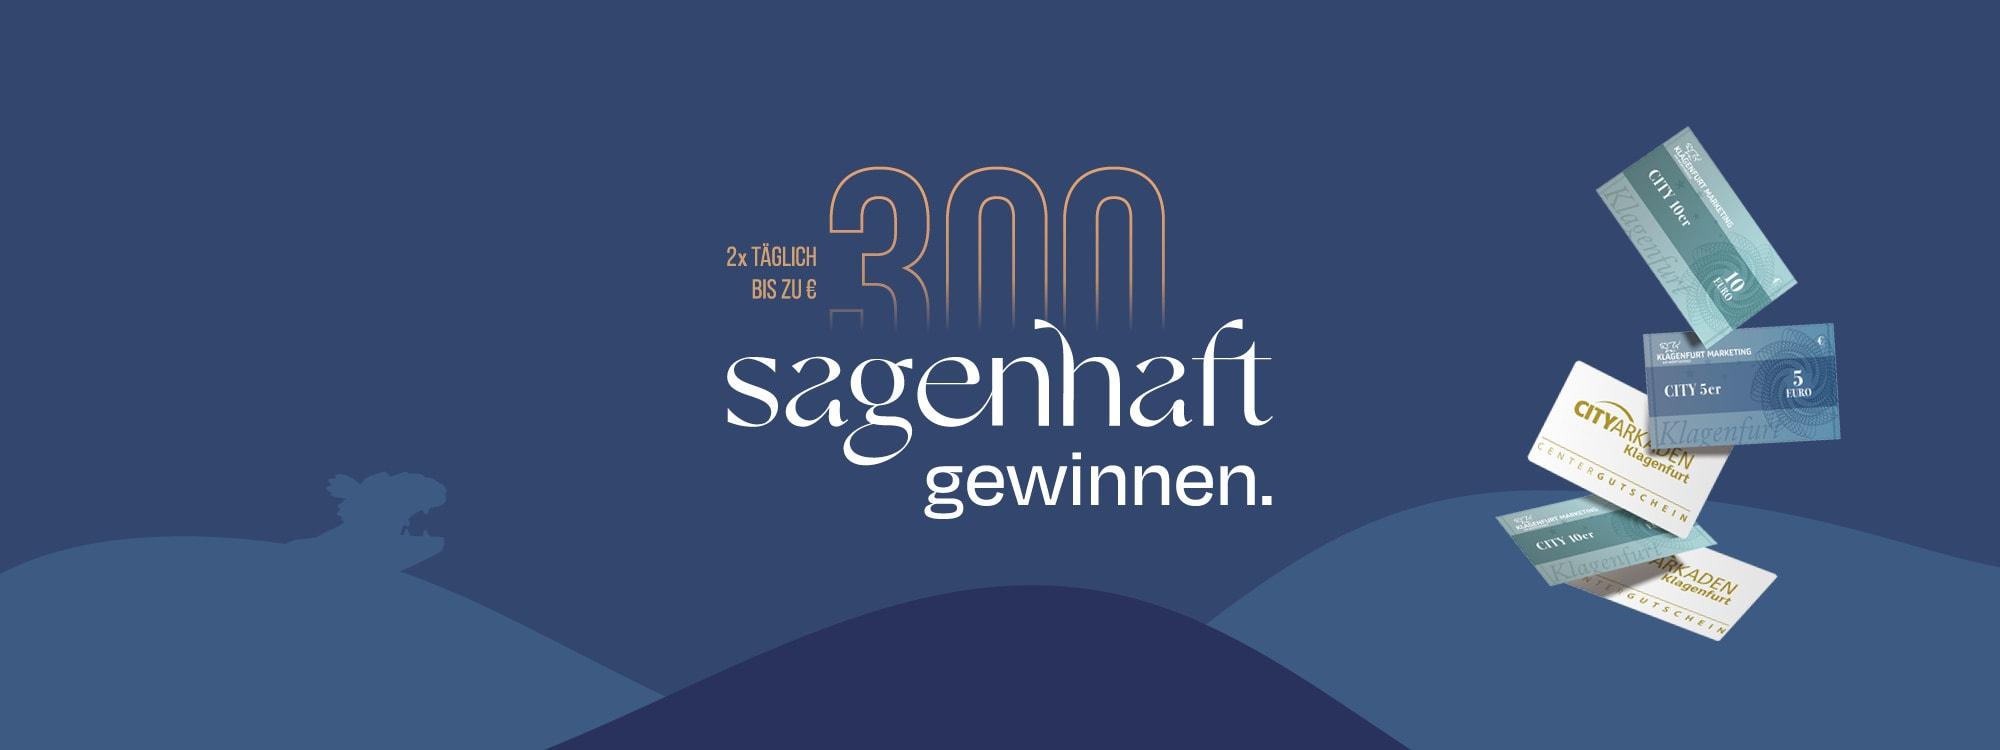 City 10er, Cityzehner, Gewinnspiel, sagenhaft gewinnen, Cashback, 9020 Klagenfurt am Wörthersee